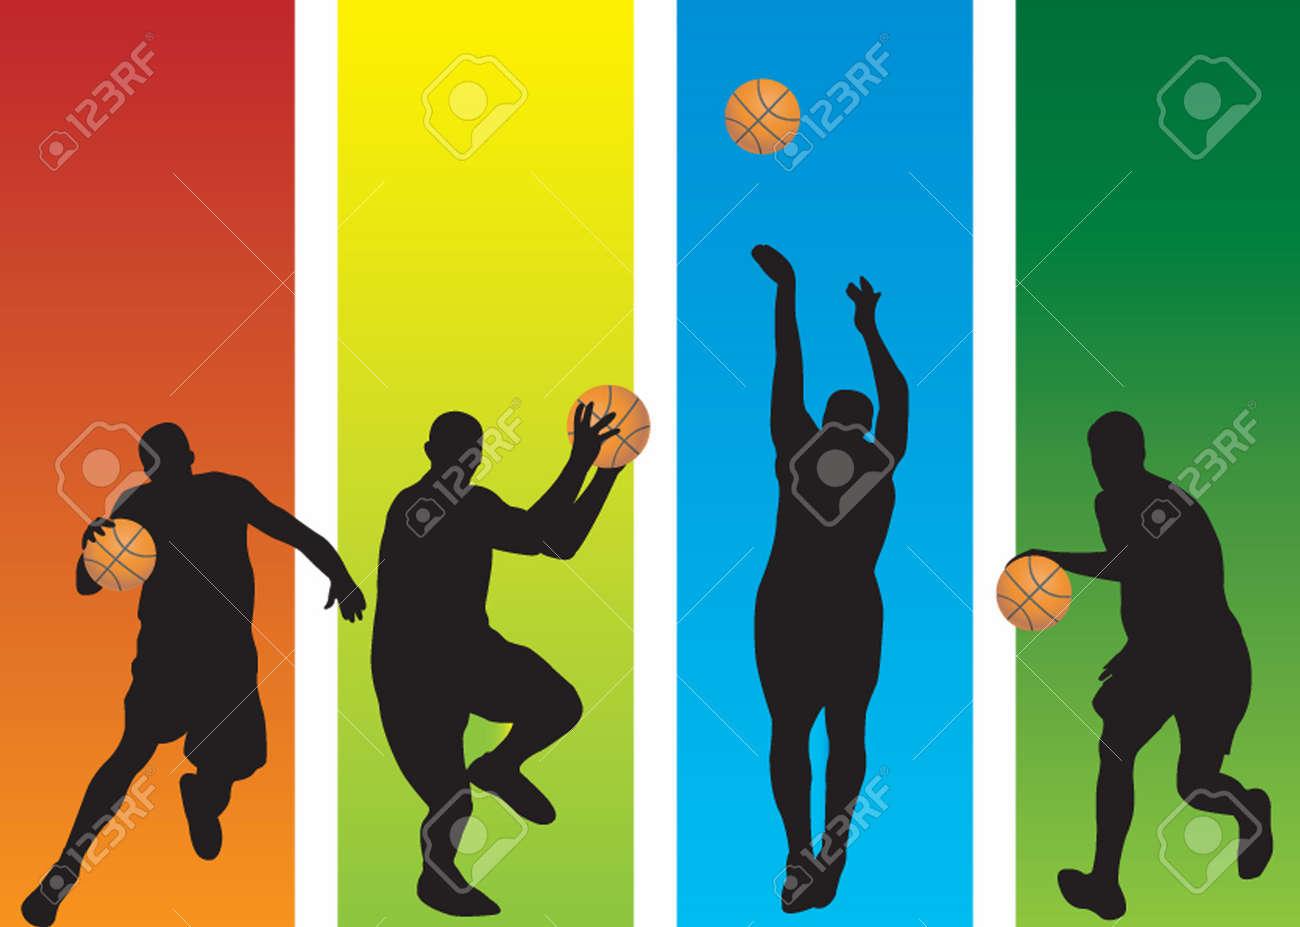 Basketball Players Stock Vector - 5553770